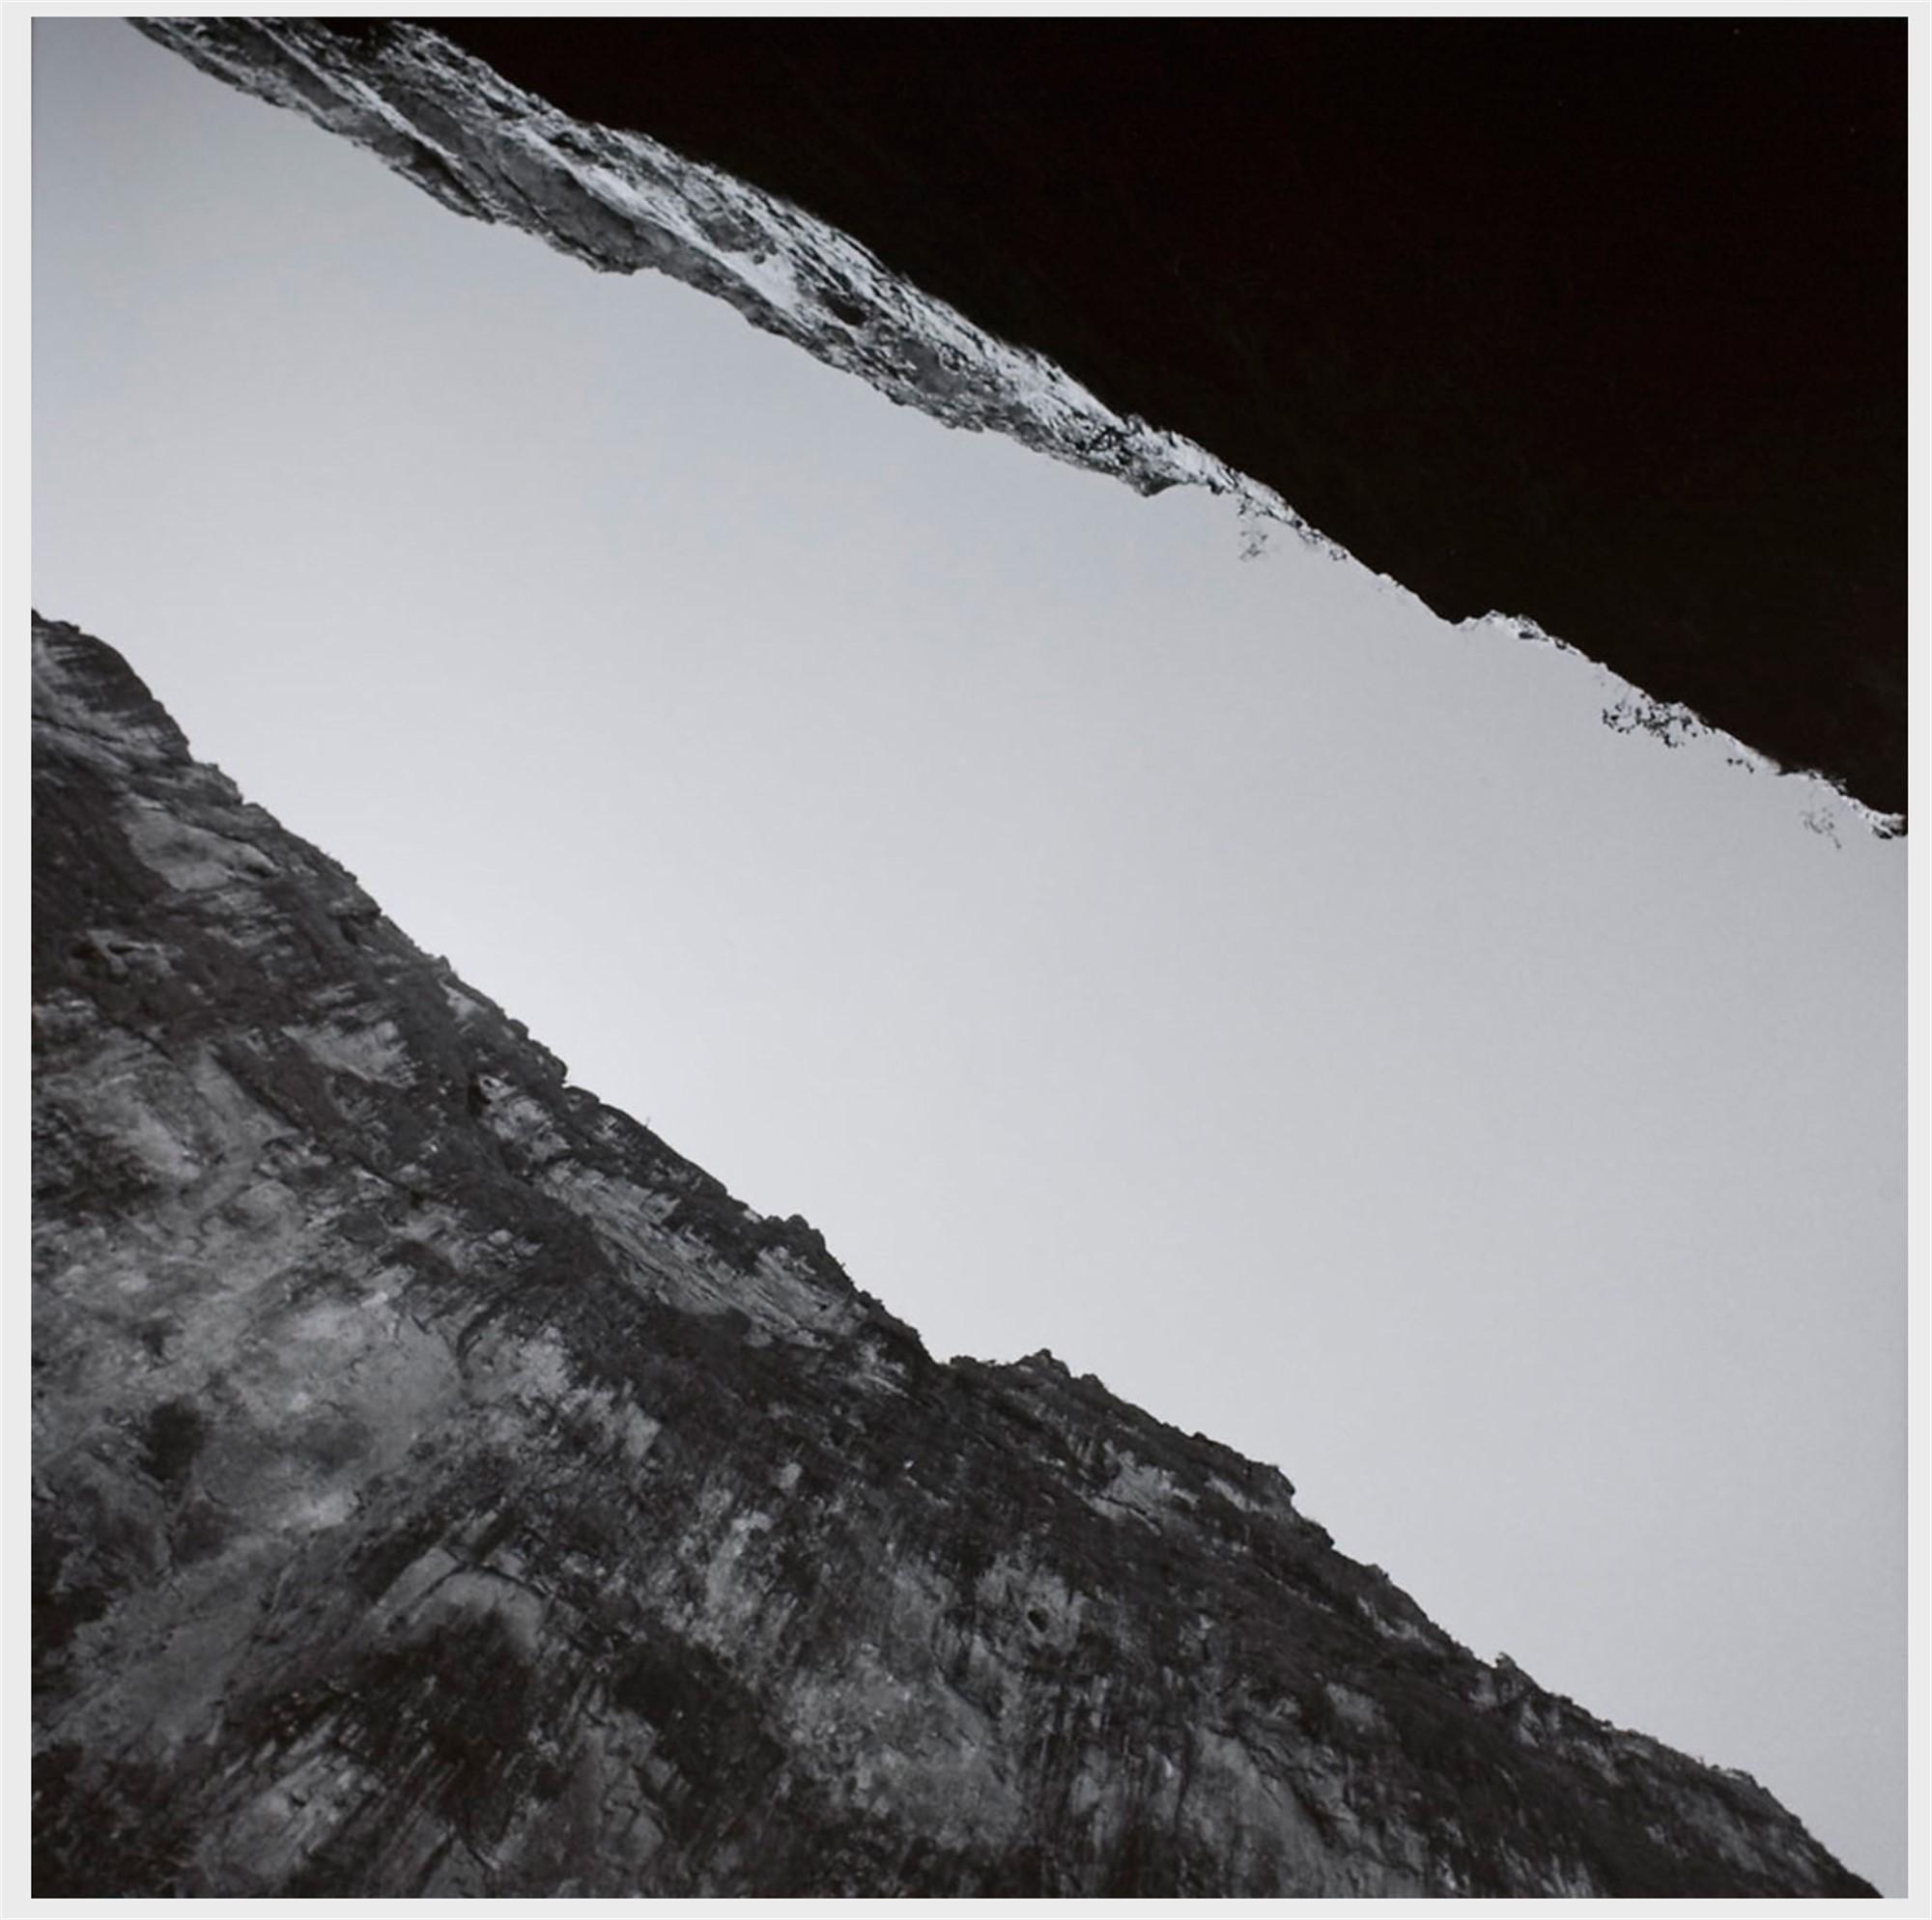 Santa Elena Canyon, Looking Up by James H. Evans